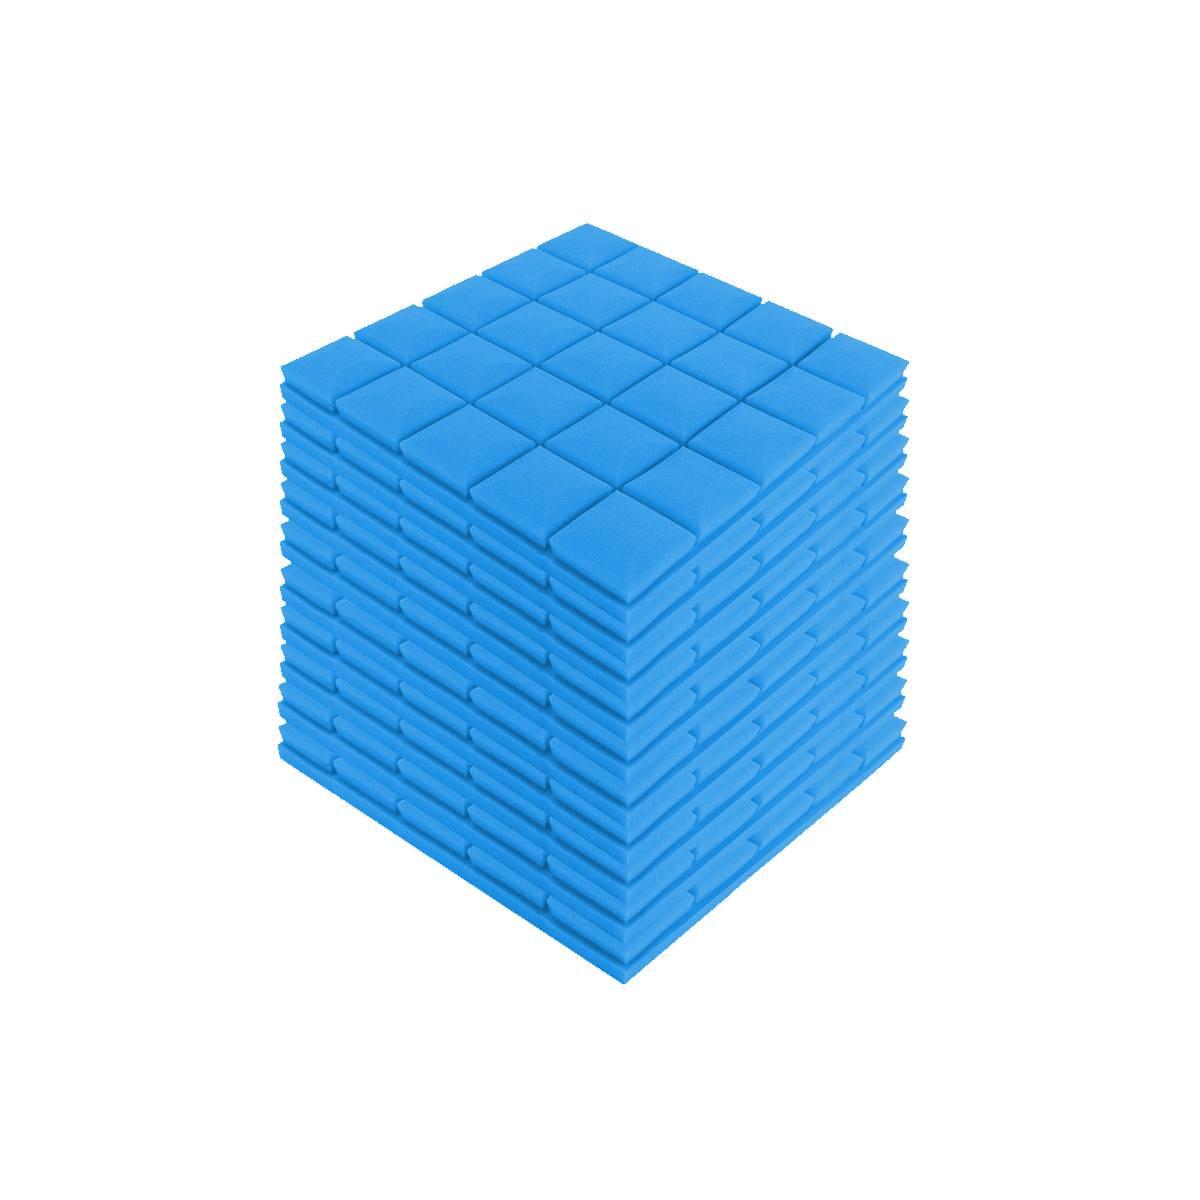 24 Uds. 4 colores 50x50x5cm estudio acústico insonorizado espuma absorción de sonido Panel de tratamiento azulejo cuña esponja protectora - 5